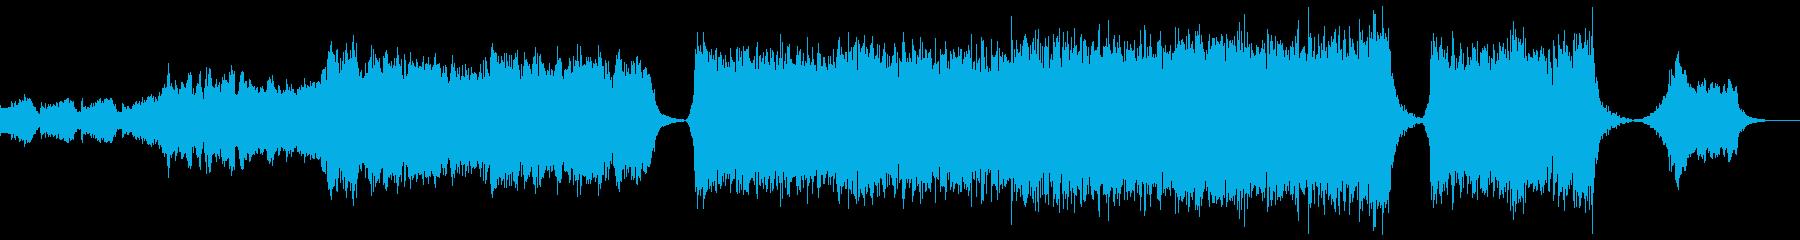 トレーラー・希望の再生済みの波形